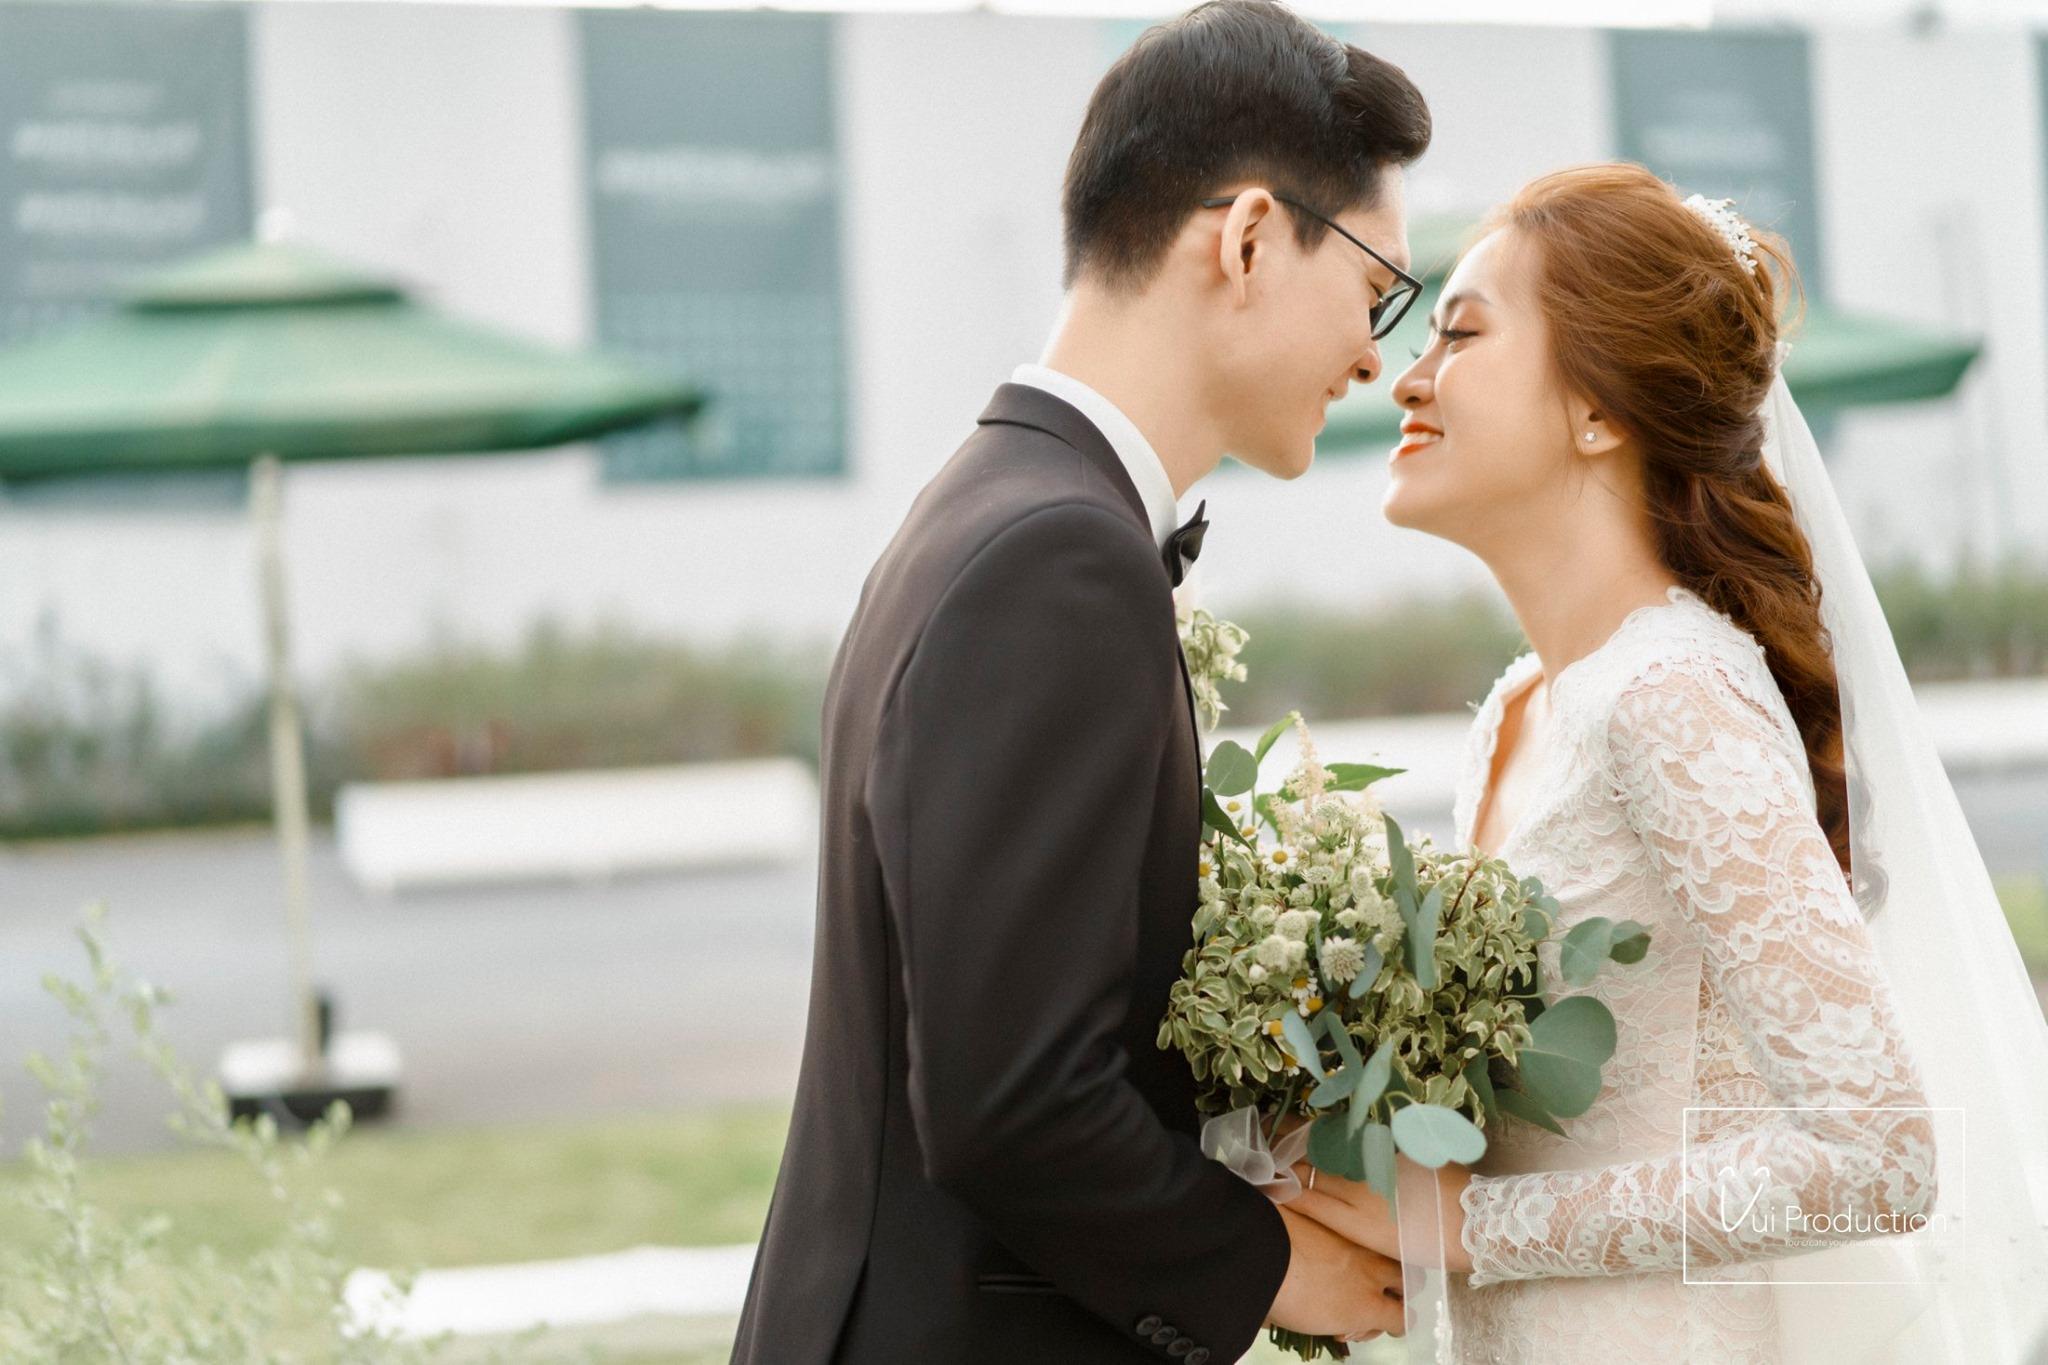 Xếp hạng 10 studio chụp ảnh cưới đẹp nhất Thành phố Hồ Chí Minh - Vui Production